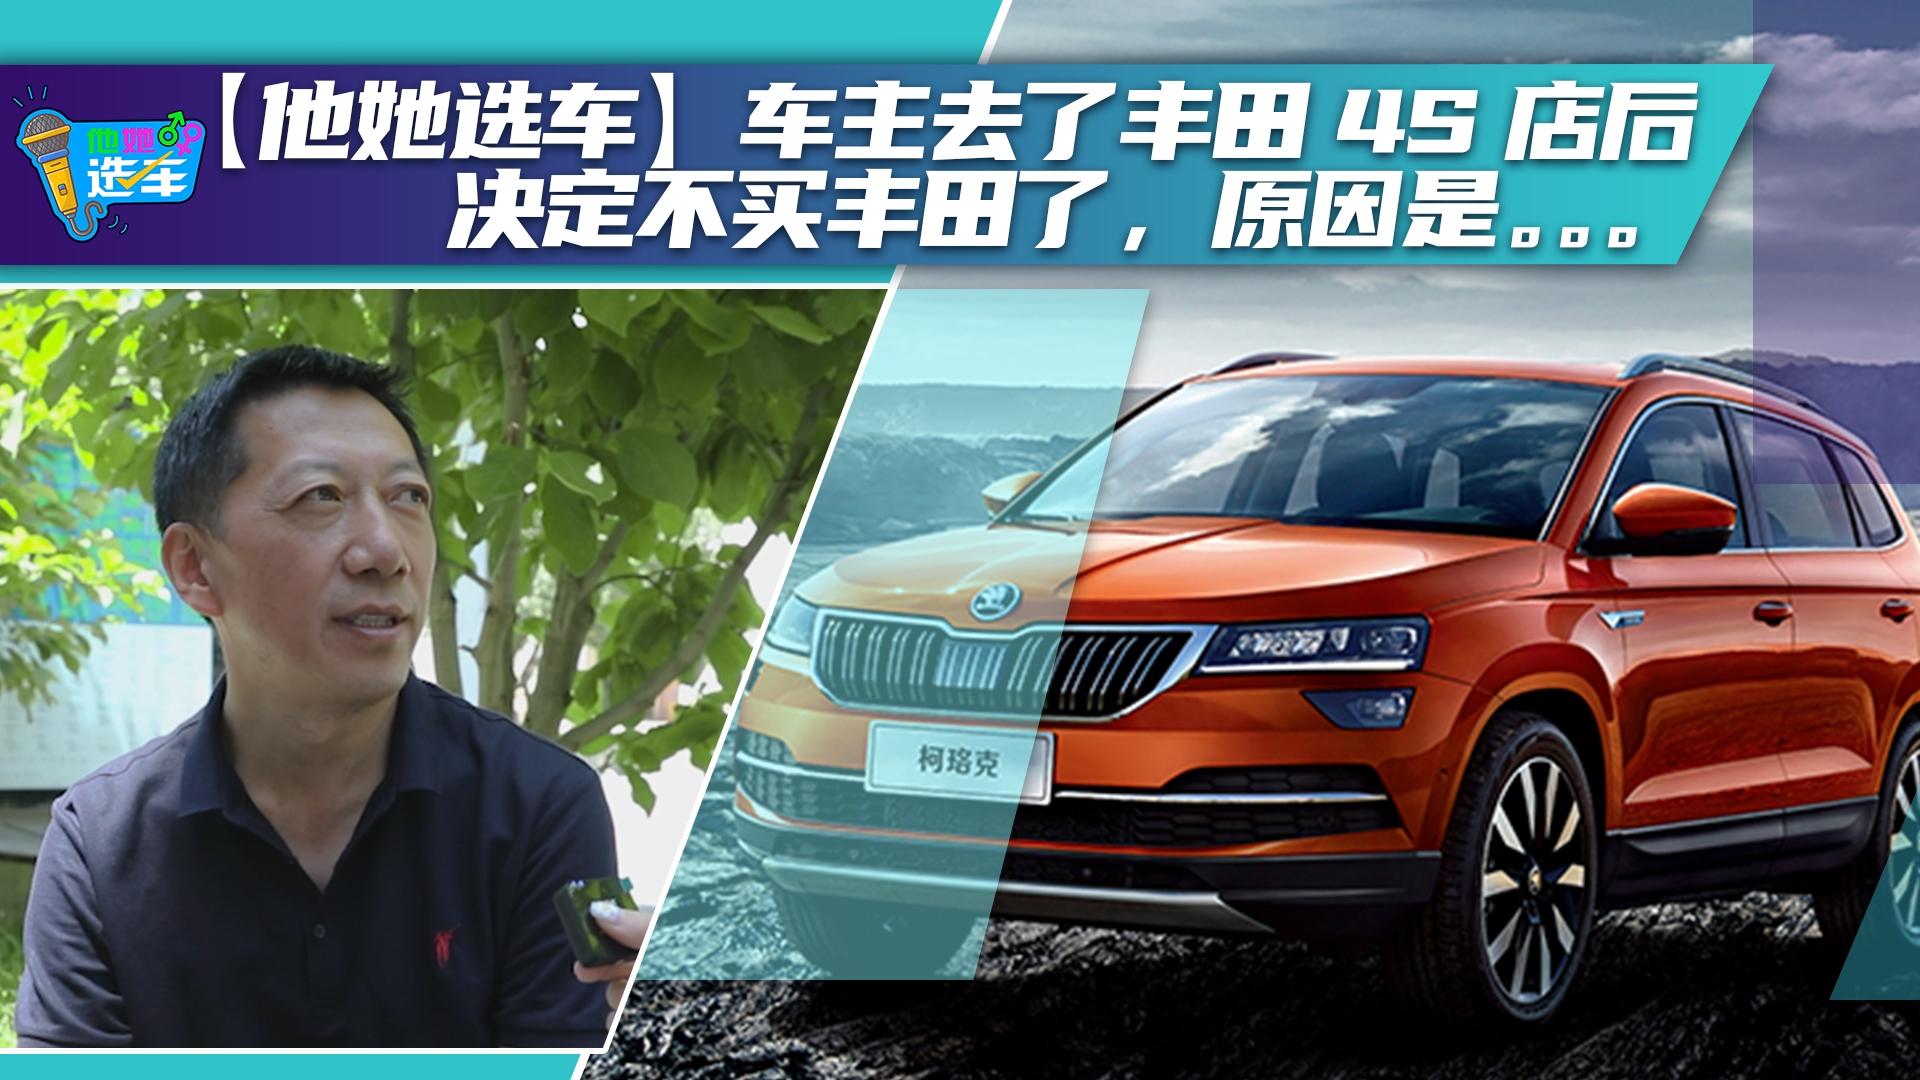 视频:【他她选车】车主去了丰田4S店后,决定不买丰田了,原因是。。